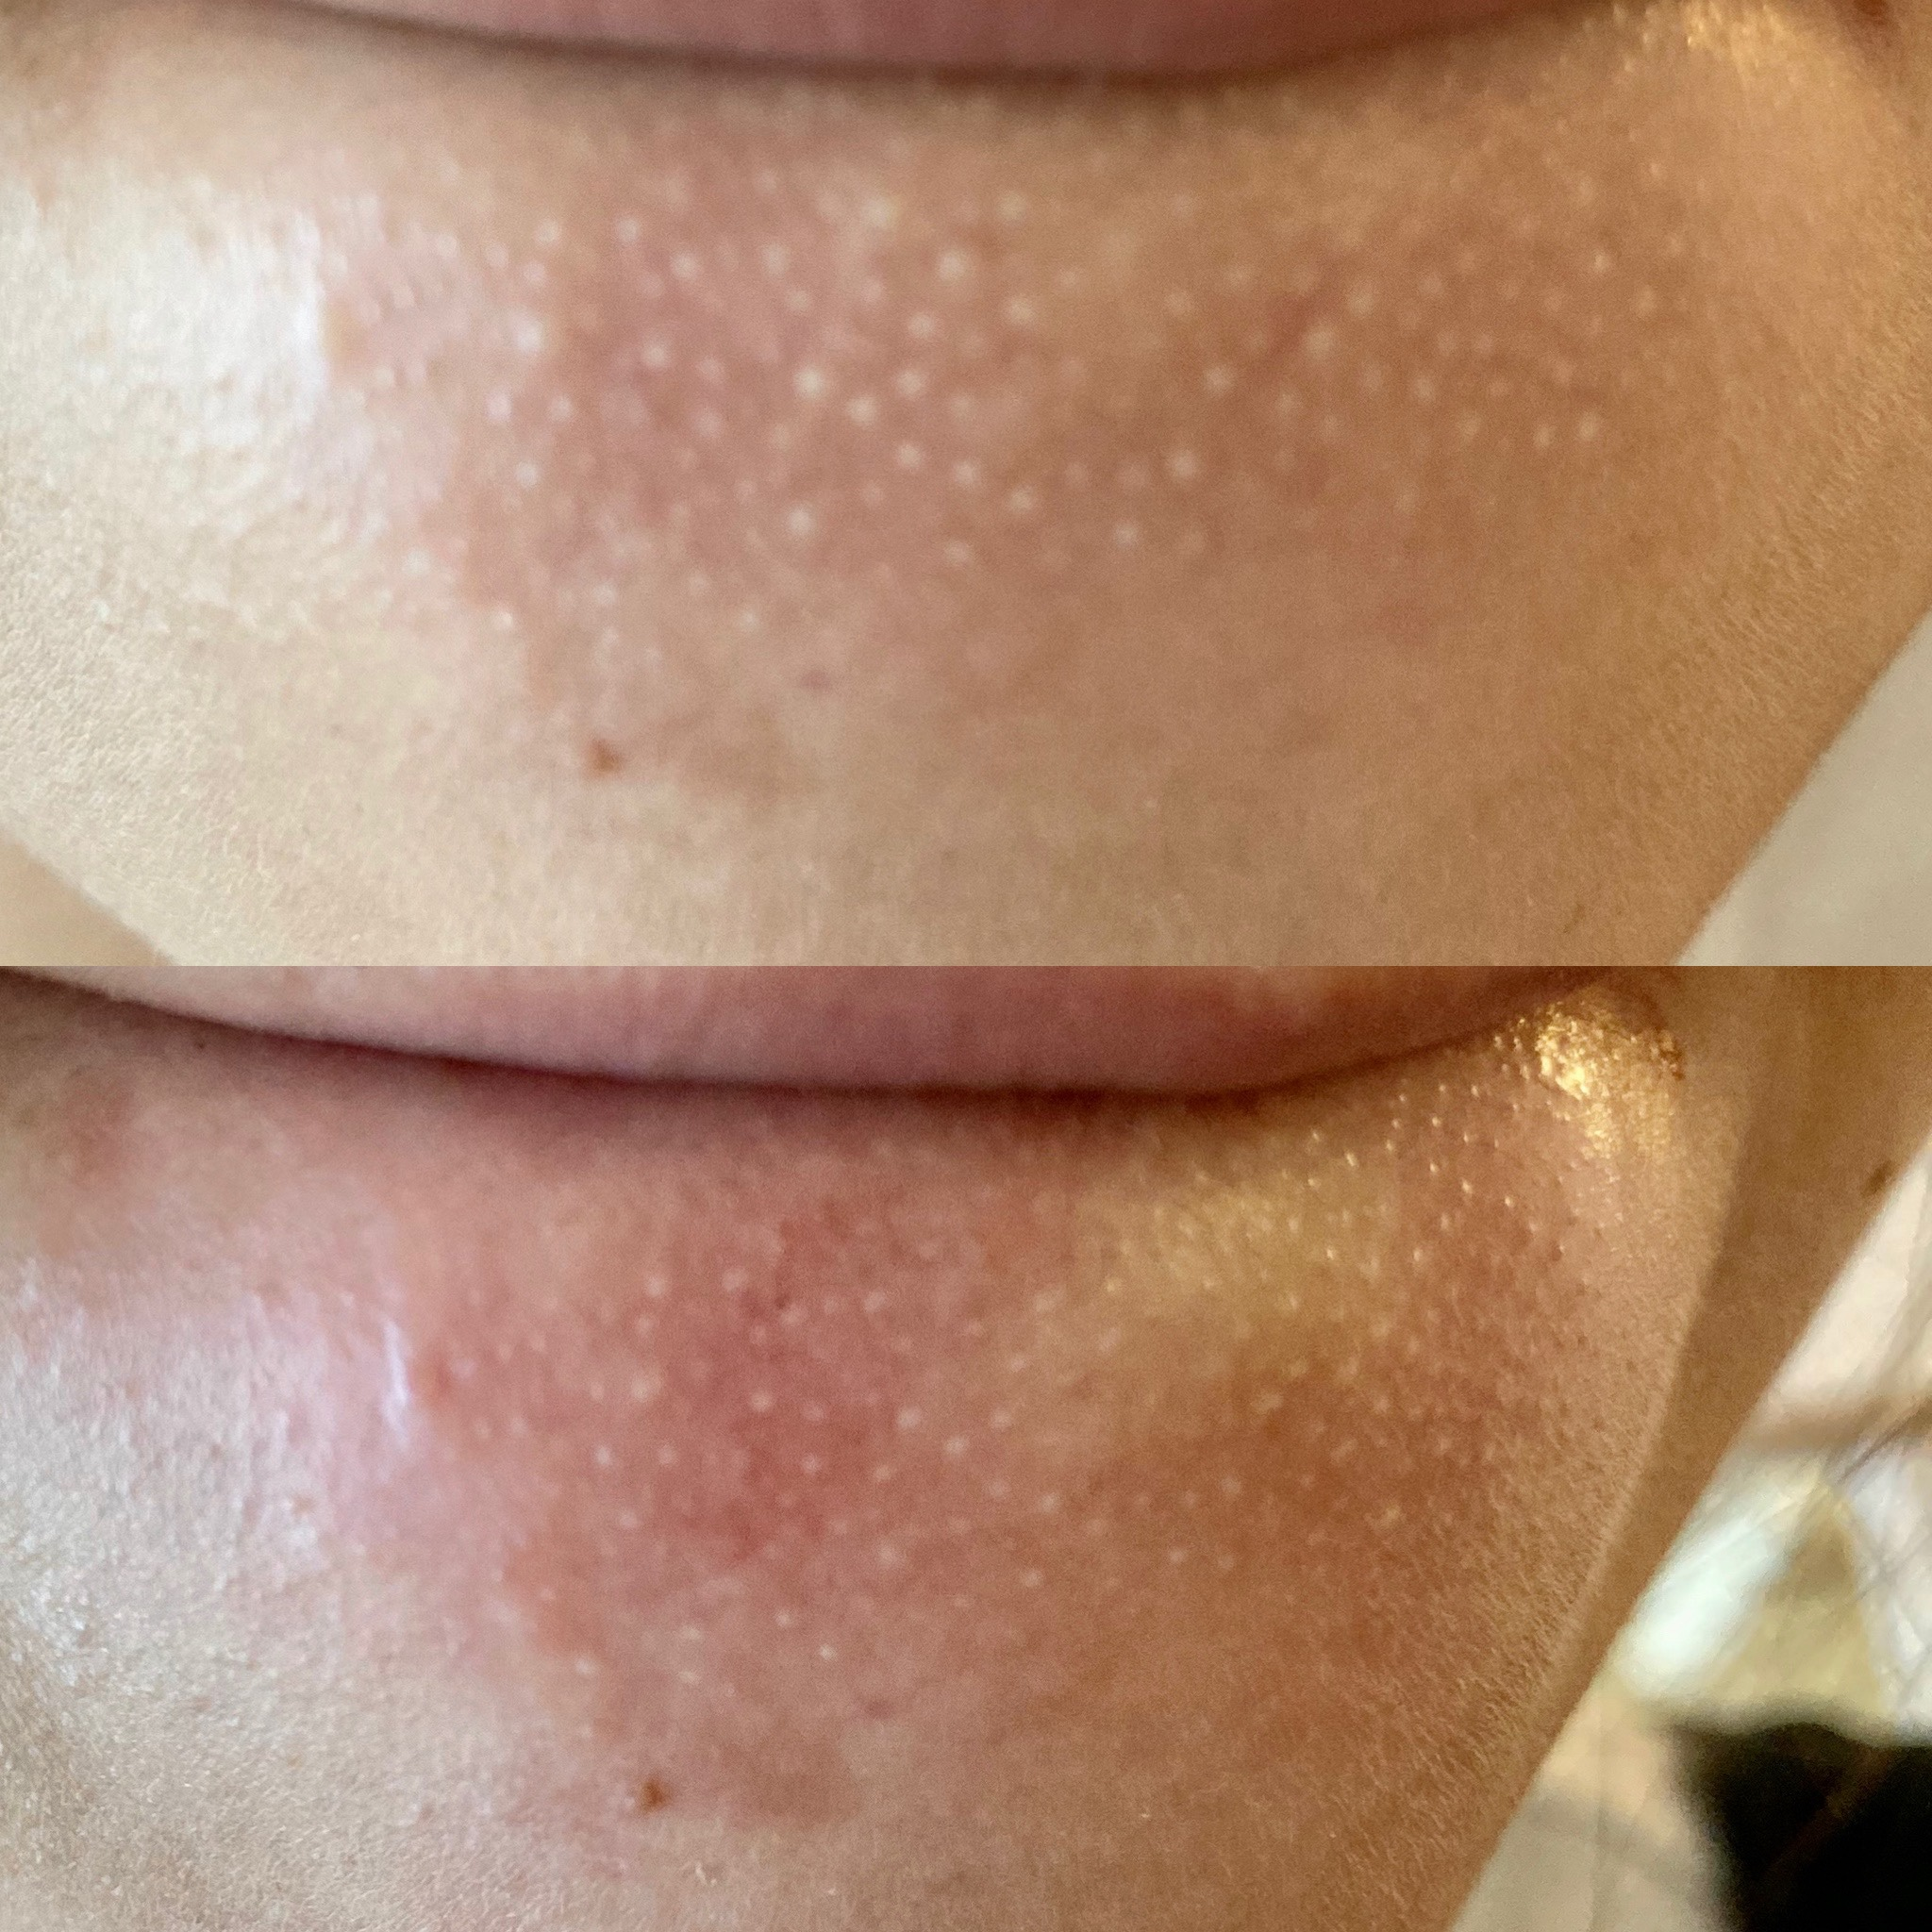 顎 白い ぶつぶつ あごのザラザラの原因は角栓だった!キレイに除去する方法 美容・化...